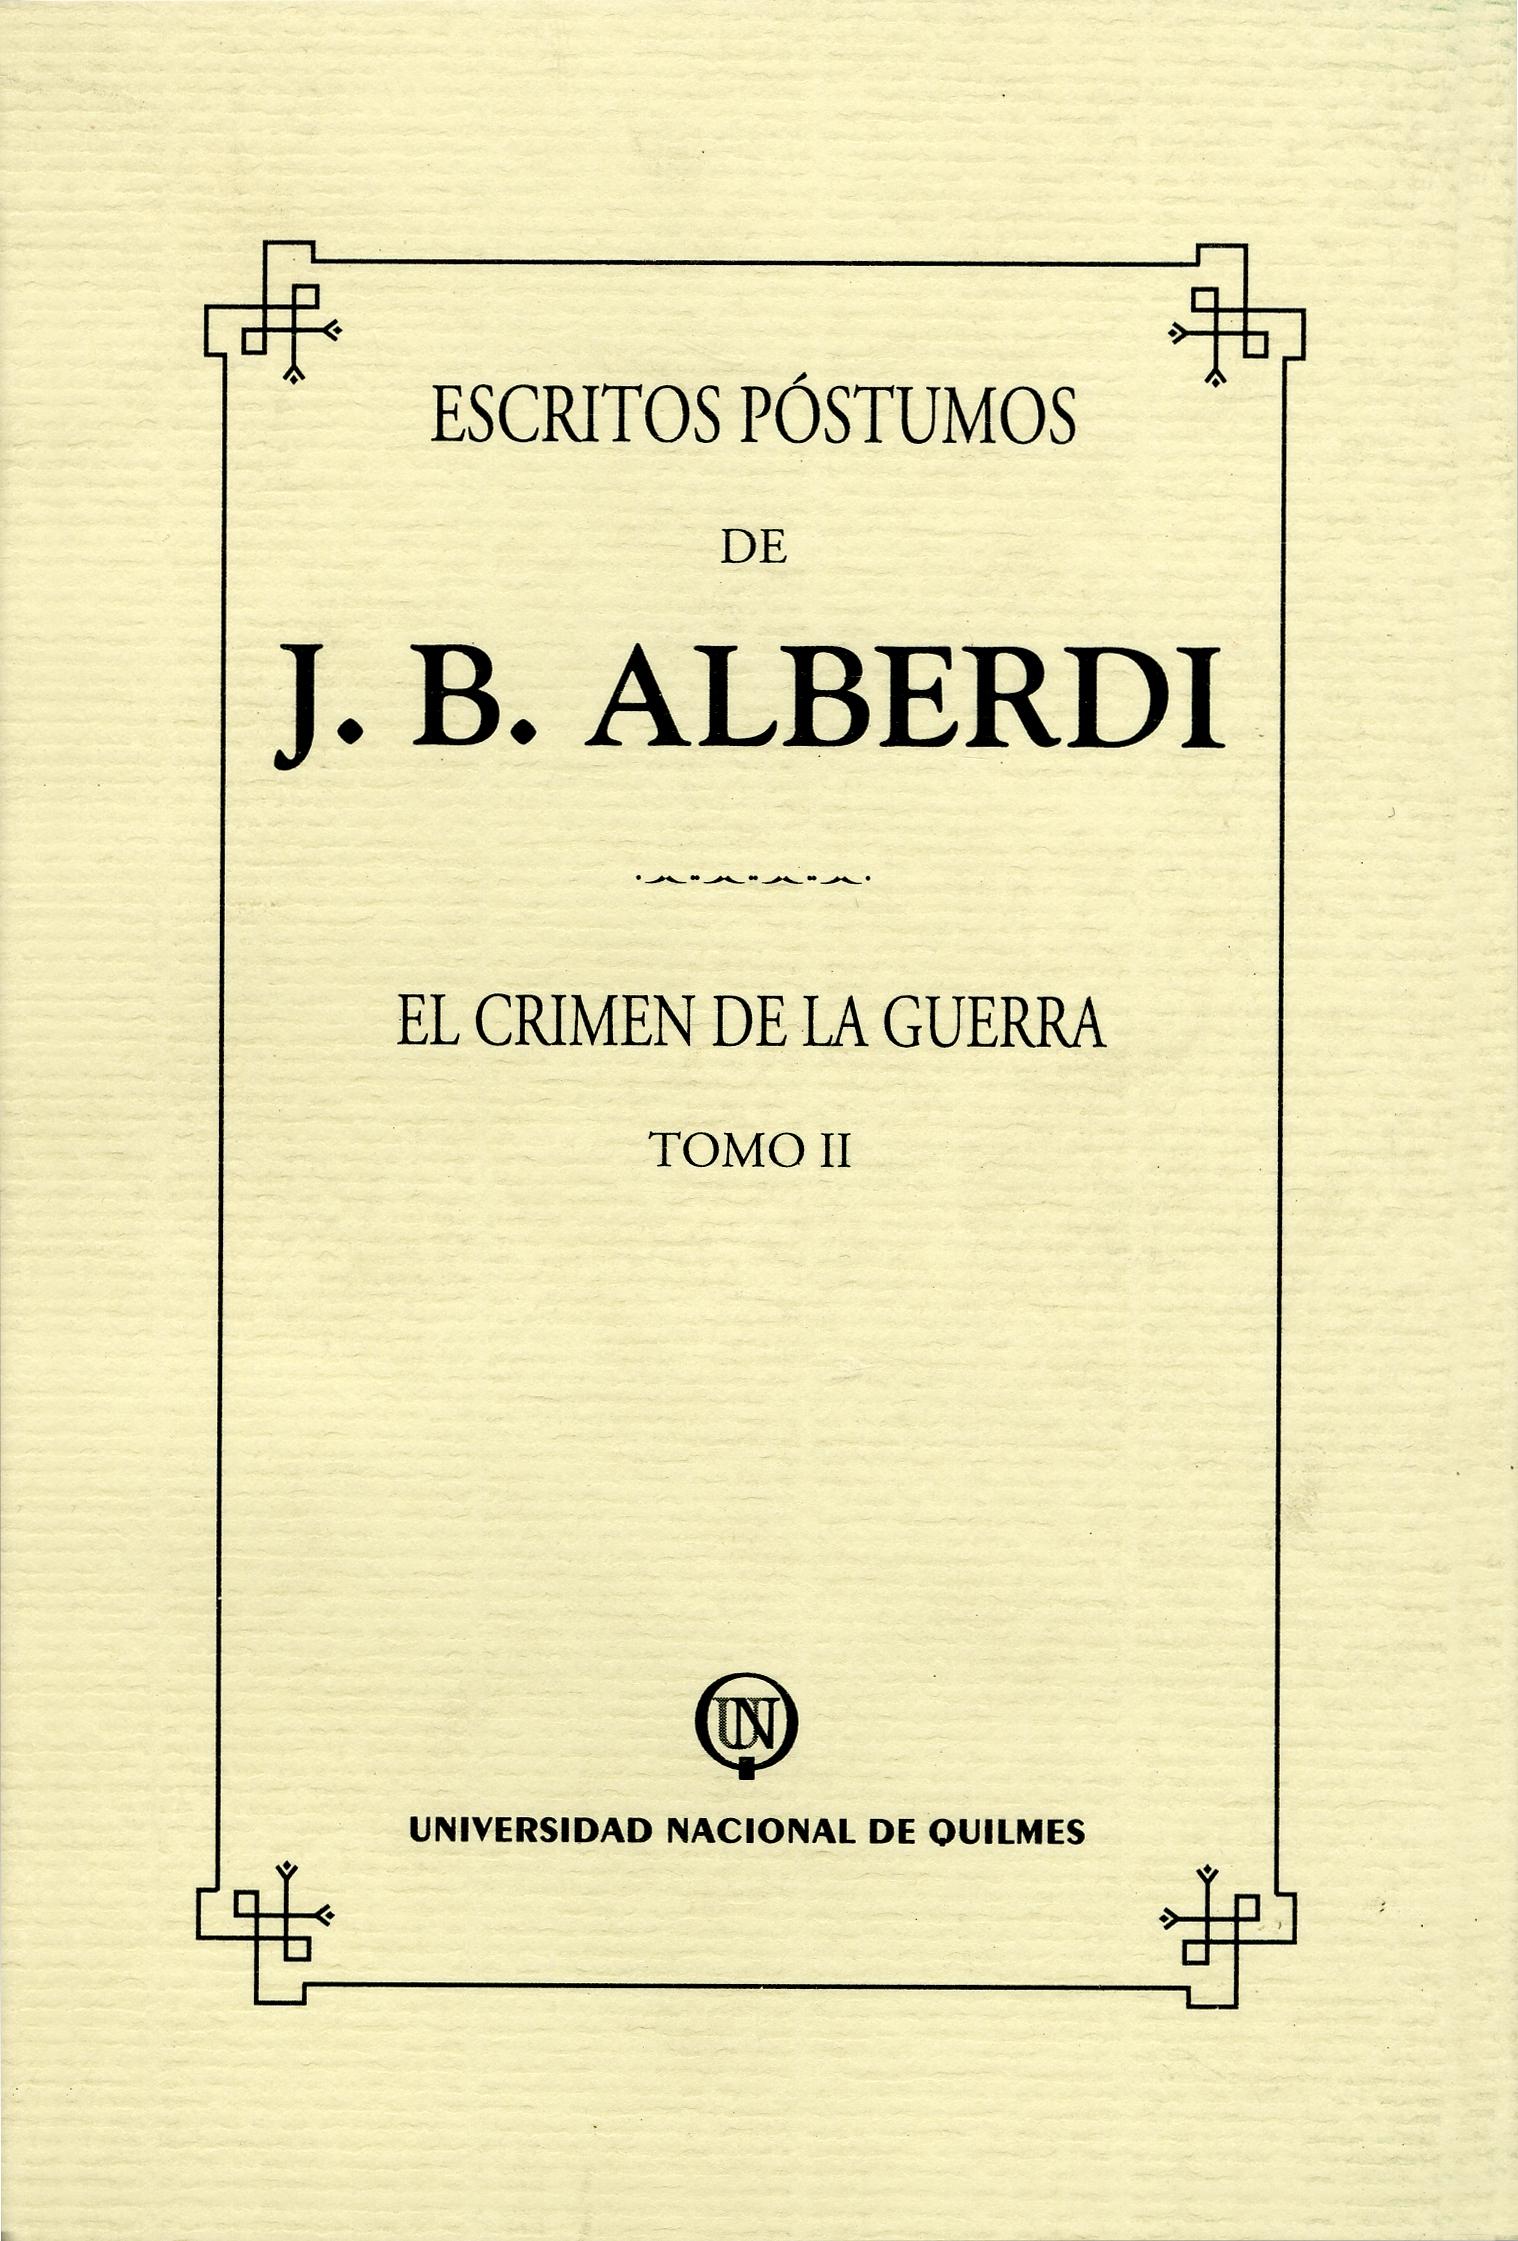 Escritos póstumos de J. B. Alberdi. Tomo II. El crimen de la guerra